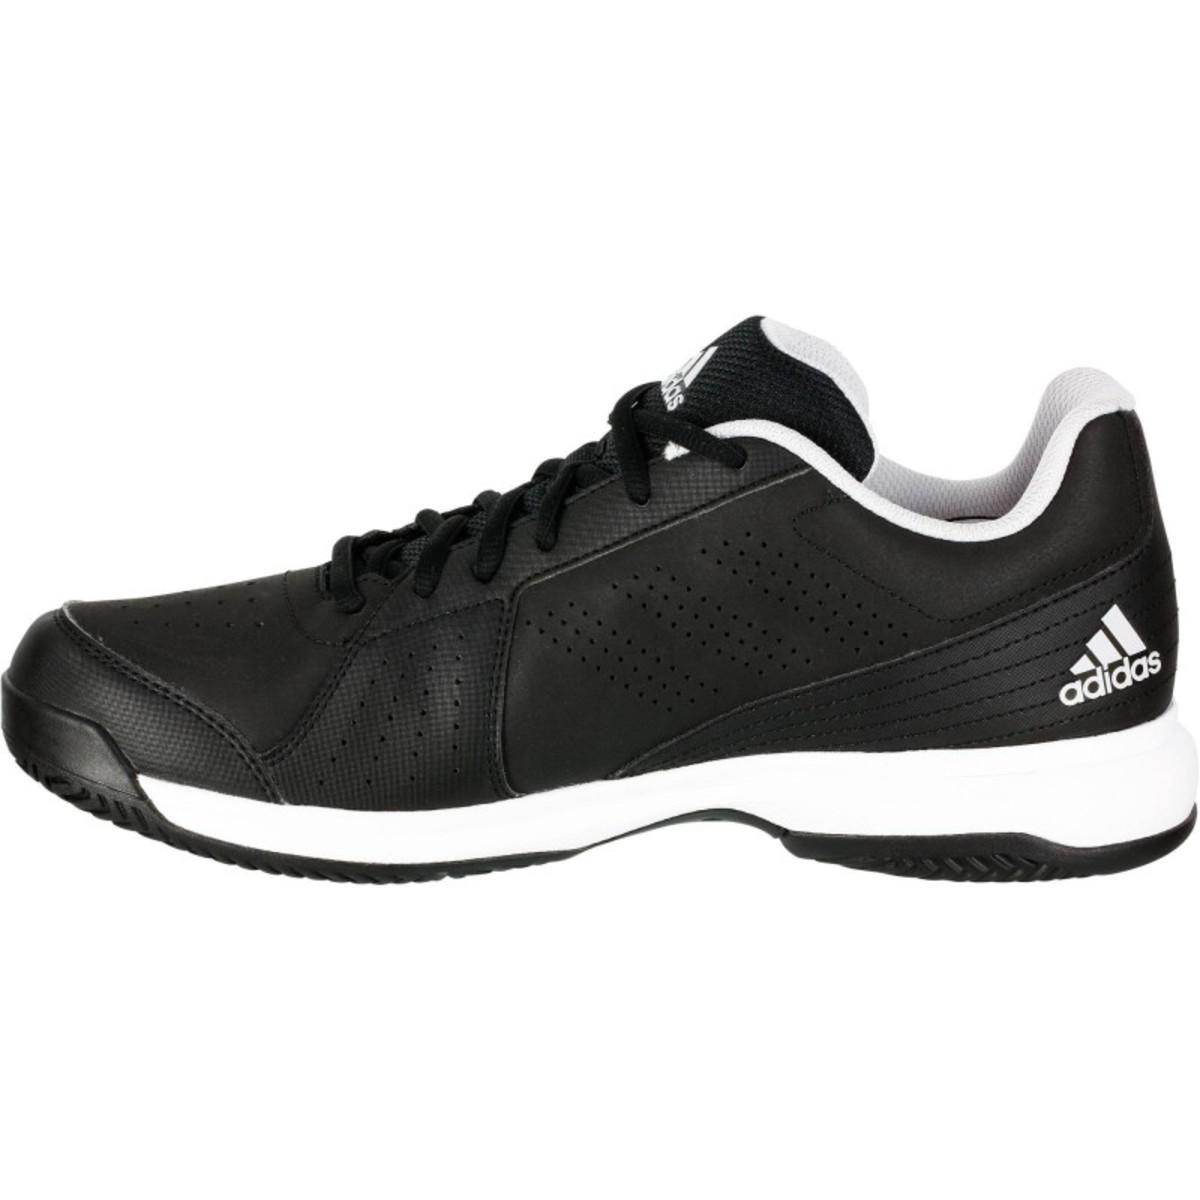 Bild 3 von ADIDAS Tennisschuhe Approach multicourt Herren schwarz, Größe: 40